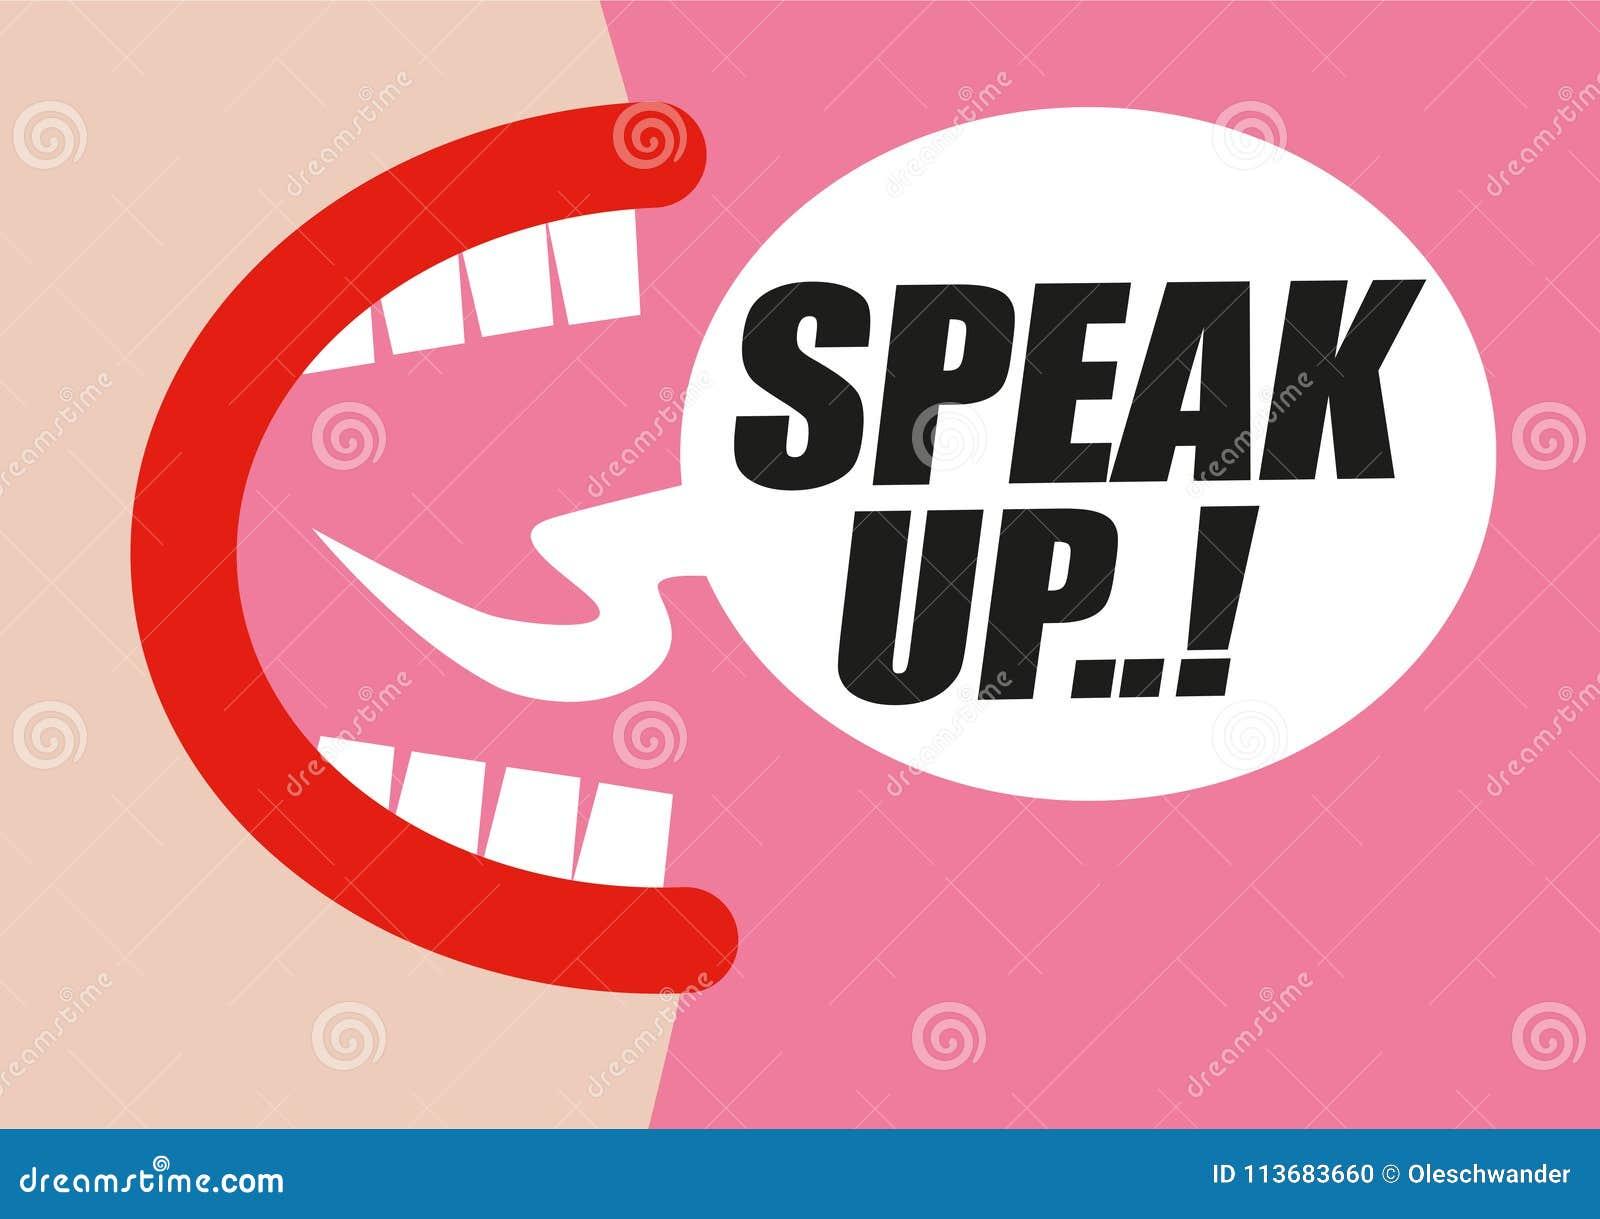 妇女呼喊在词泡影讲话-抗议为妇女、平等和不适当的性行为权利往妇女